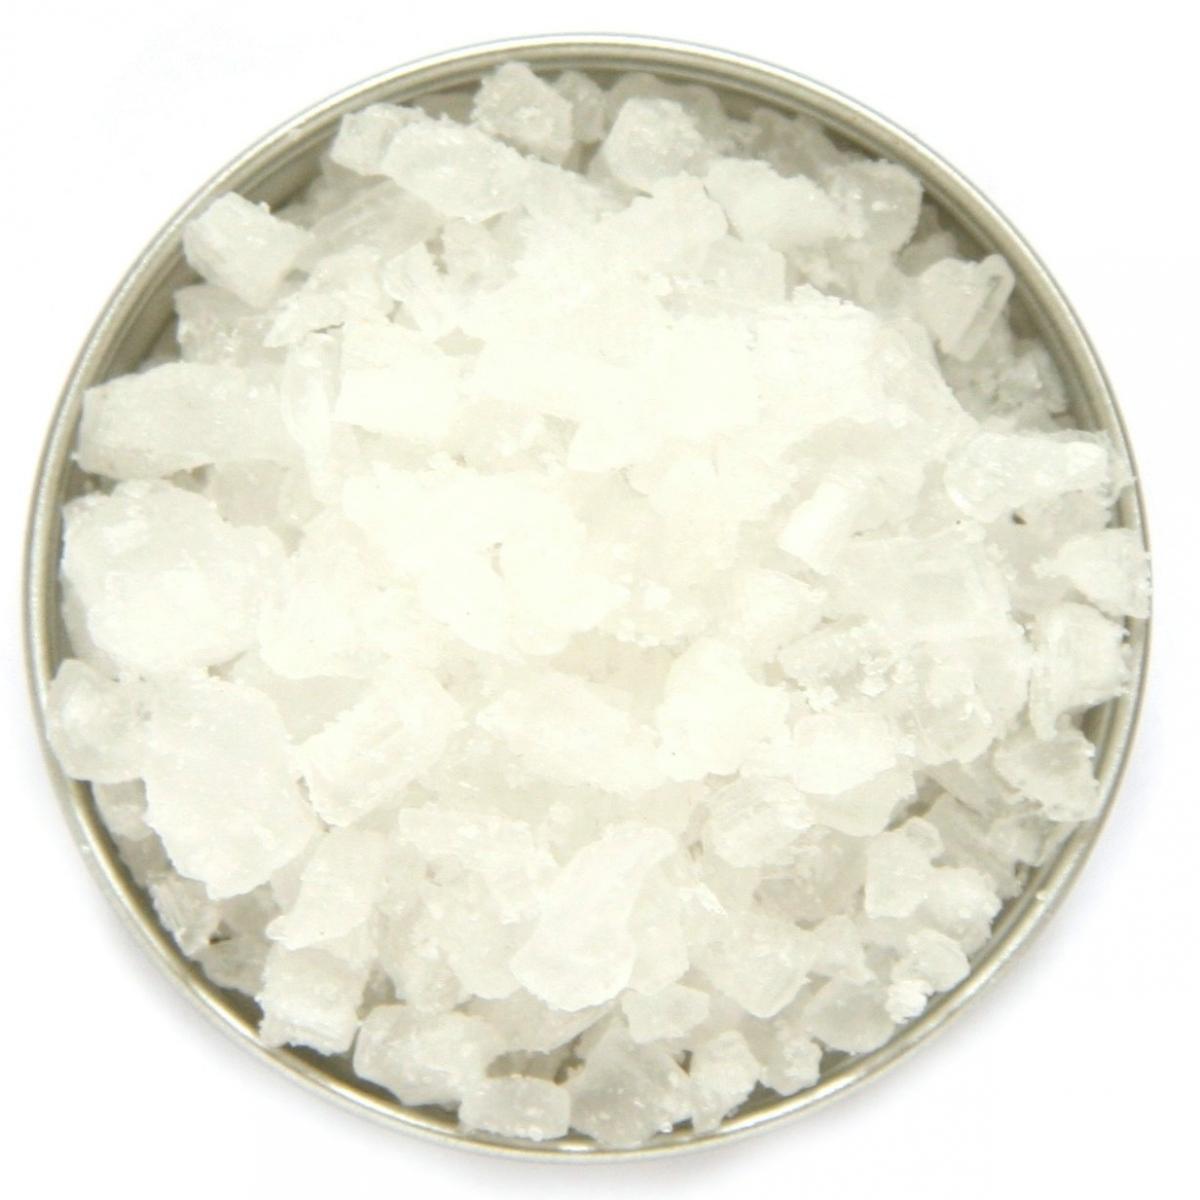 Mořská sůl hrubozrnná - sáček 70 g